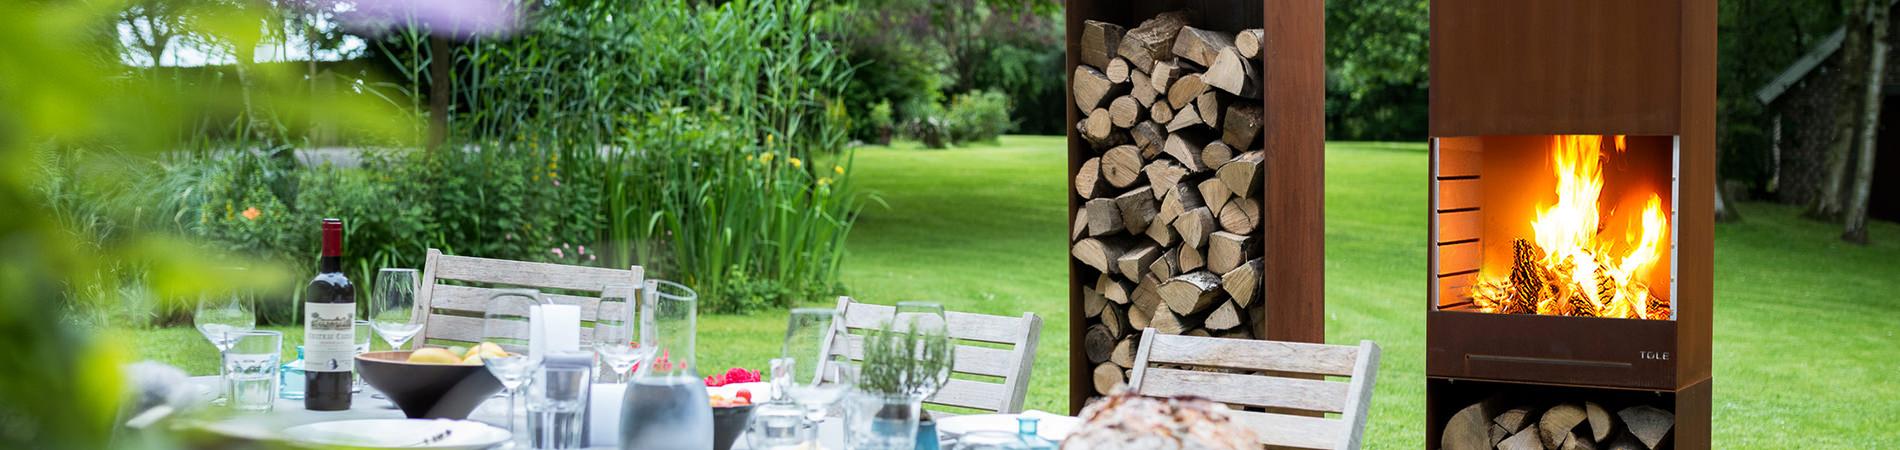 Chemin e ext rieur pour le jardin design fonction barbecue shop piscines fitness for Cheminee de jardin weber